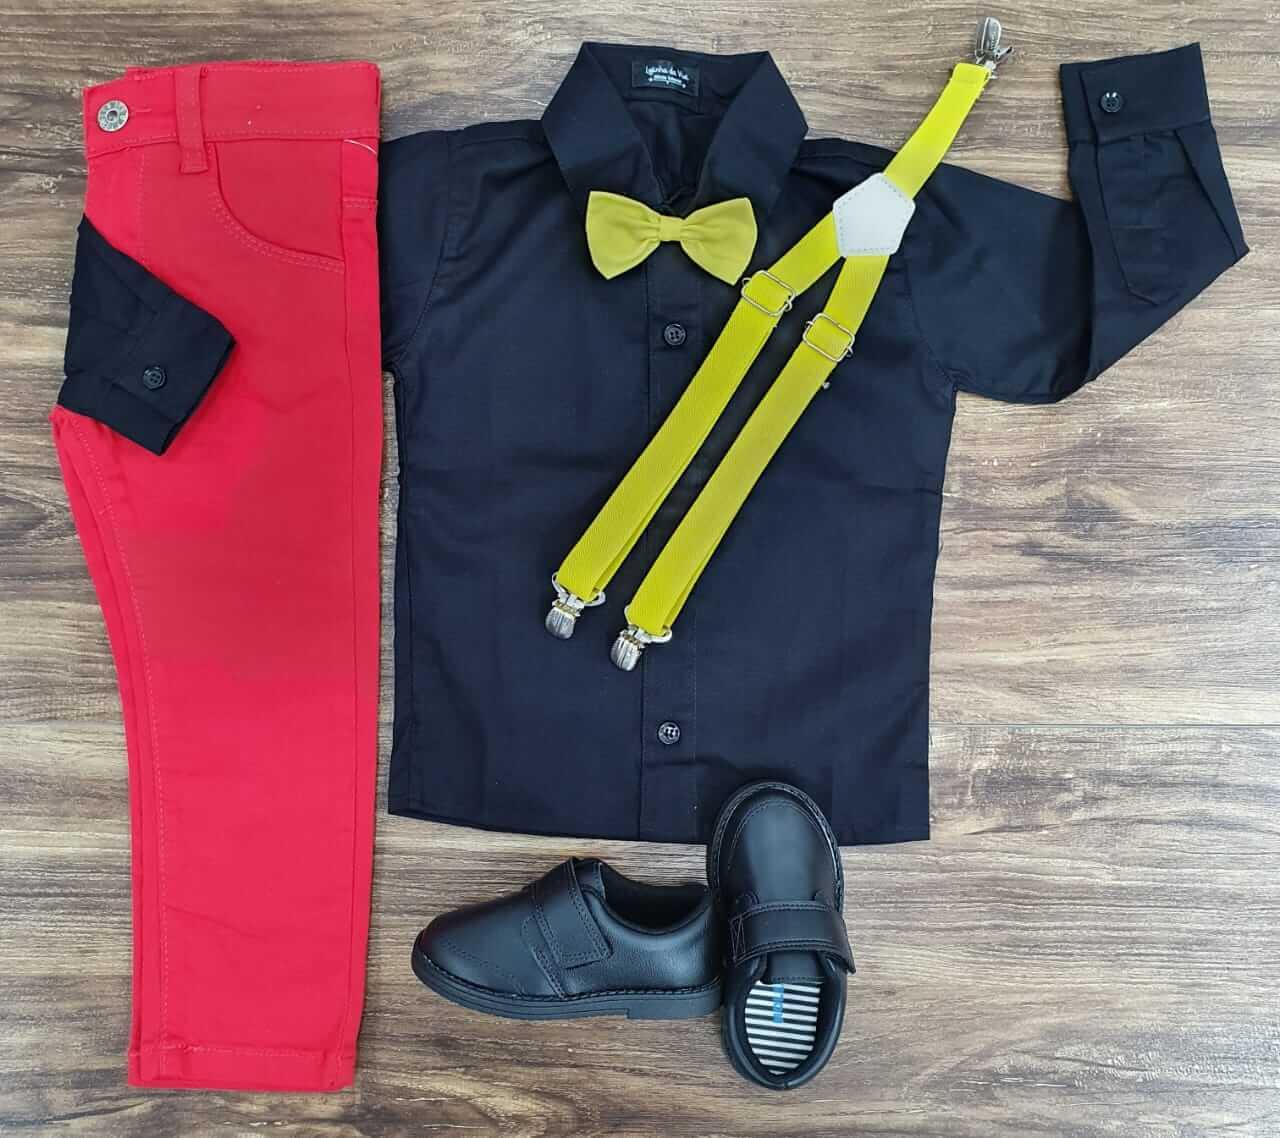 Calça Vermelha com Camisa Preta Gravata e Suspensório Amarelo